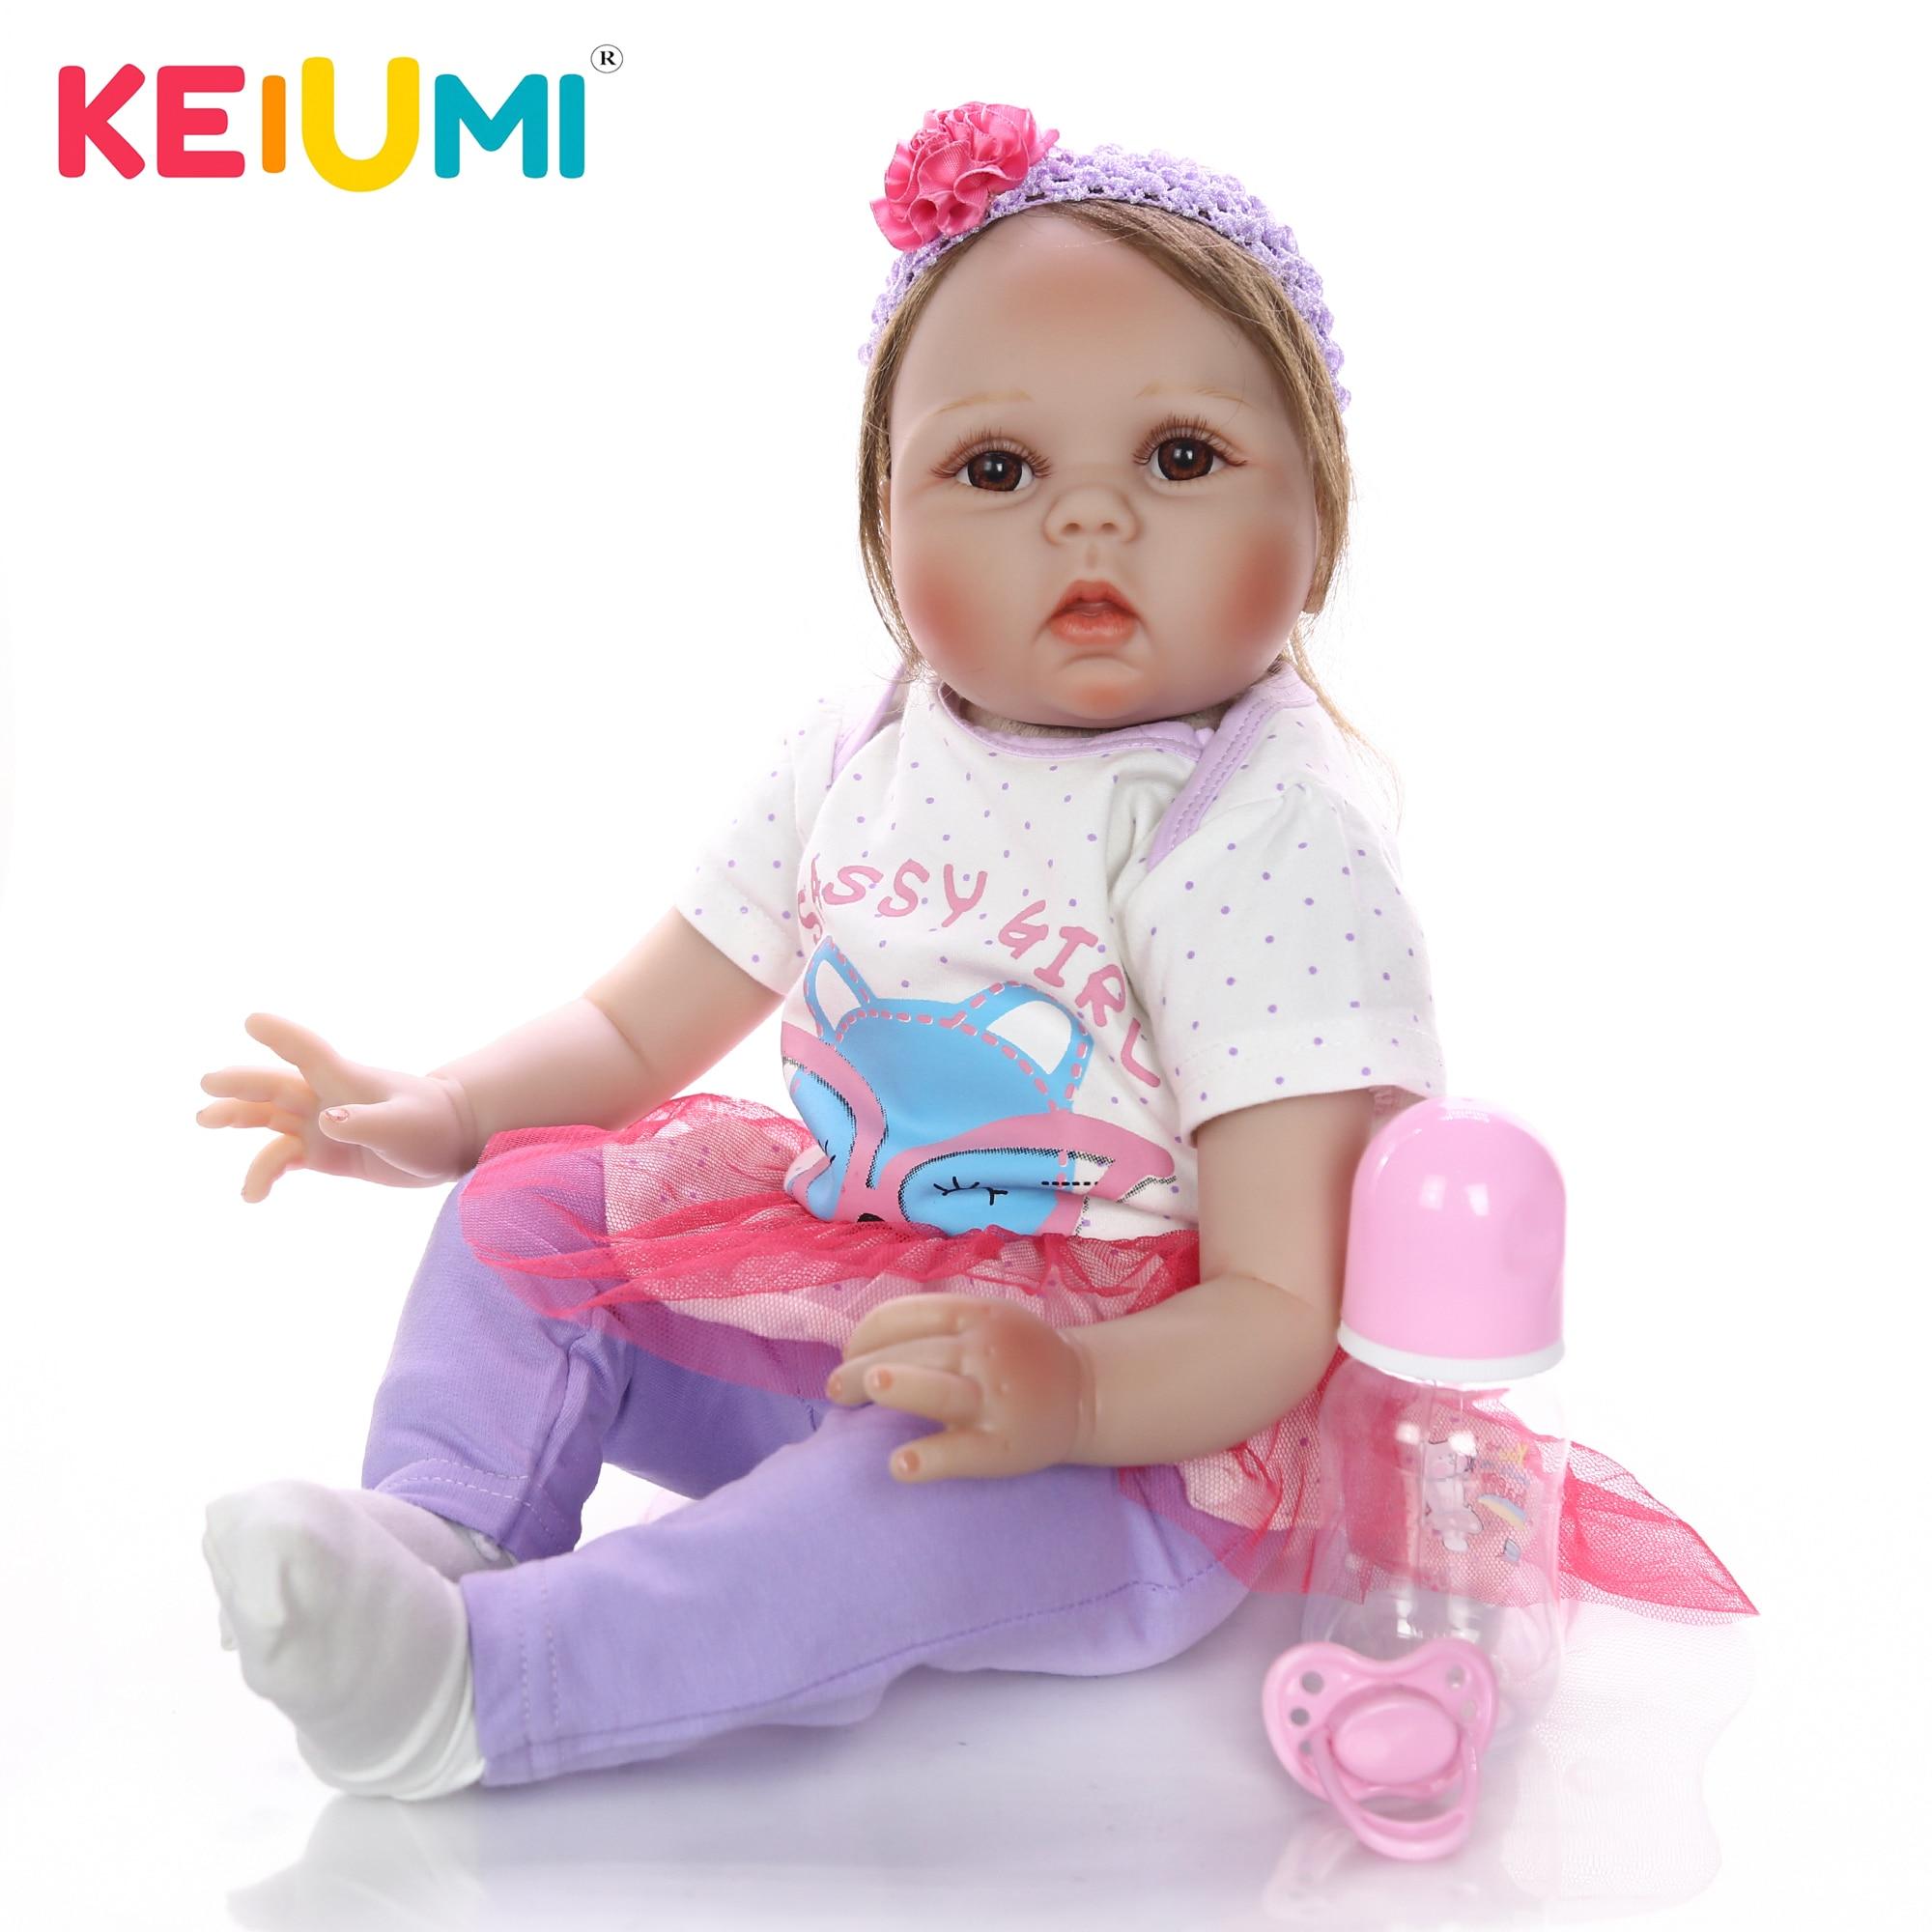 Oyuncaklar ve Hobi Ürünleri'ten Bebekler'de Yeni Varış 22 Inç Yumuşak Silikon Yeniden Doğmuş Bebek Kız Bebek 55 cm Gerçekçi Bebek bebek Fiber Saç çocuk günü Hediye Oyuncak'da  Grup 1